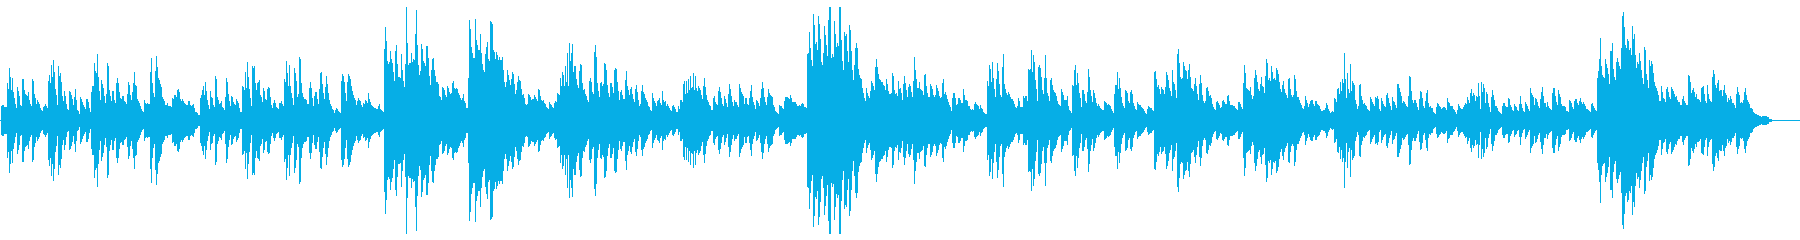 エキゾチックで不思議な雰囲気のピアノ曲の再生済みの波形